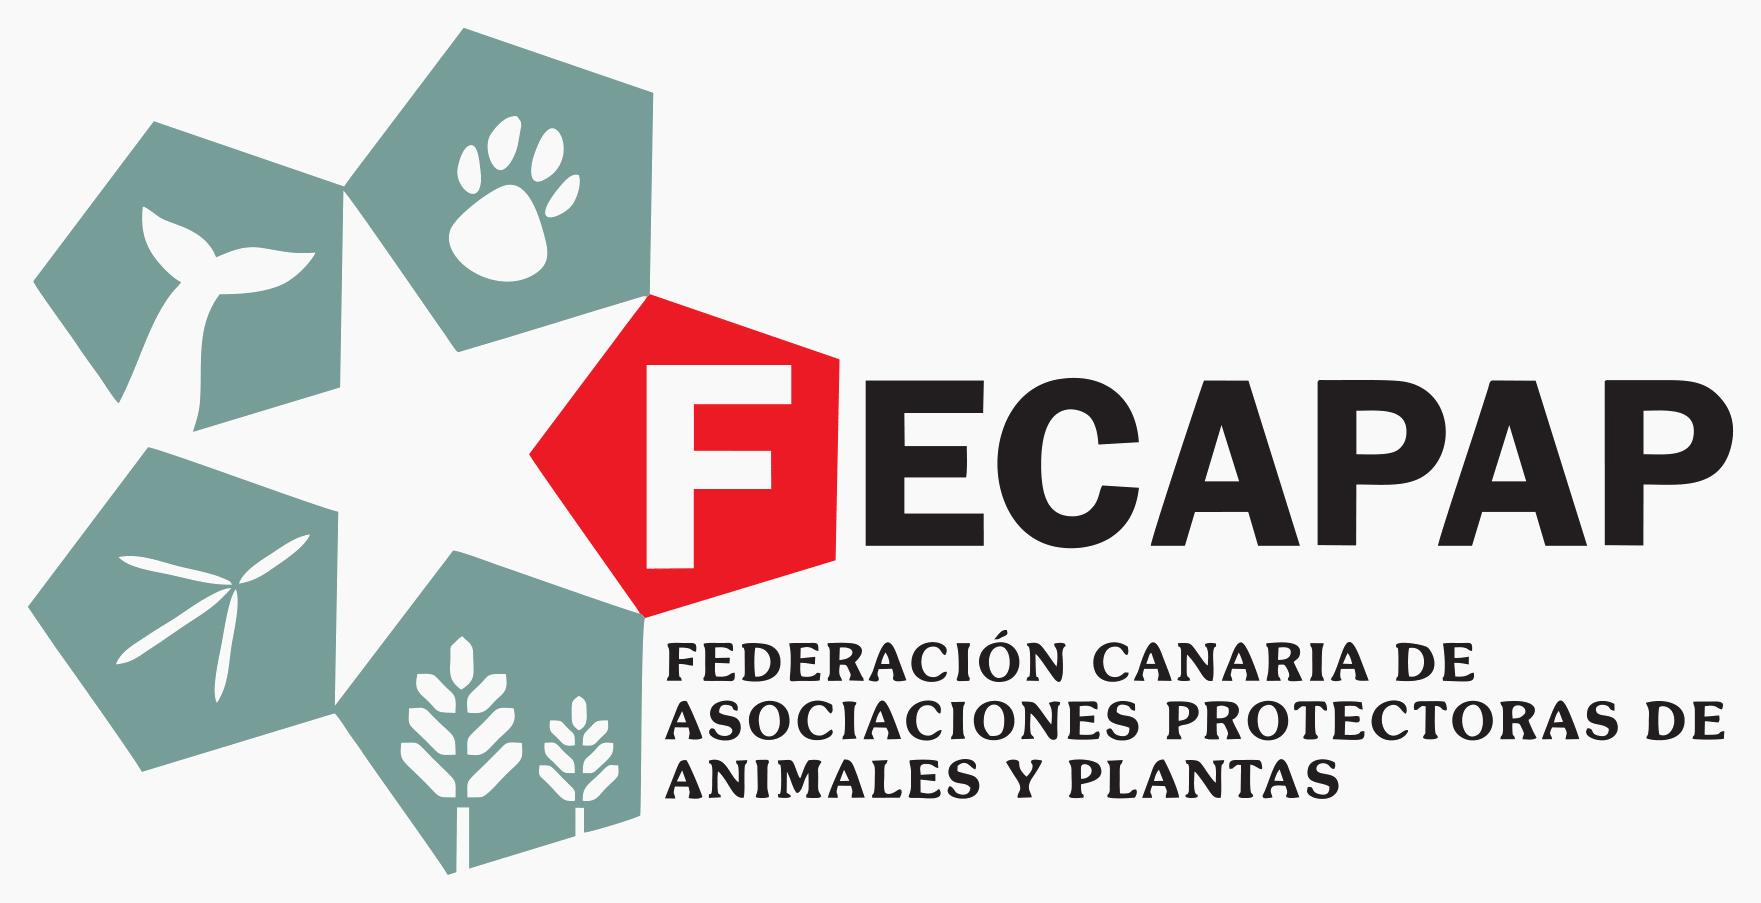 FECAPAP